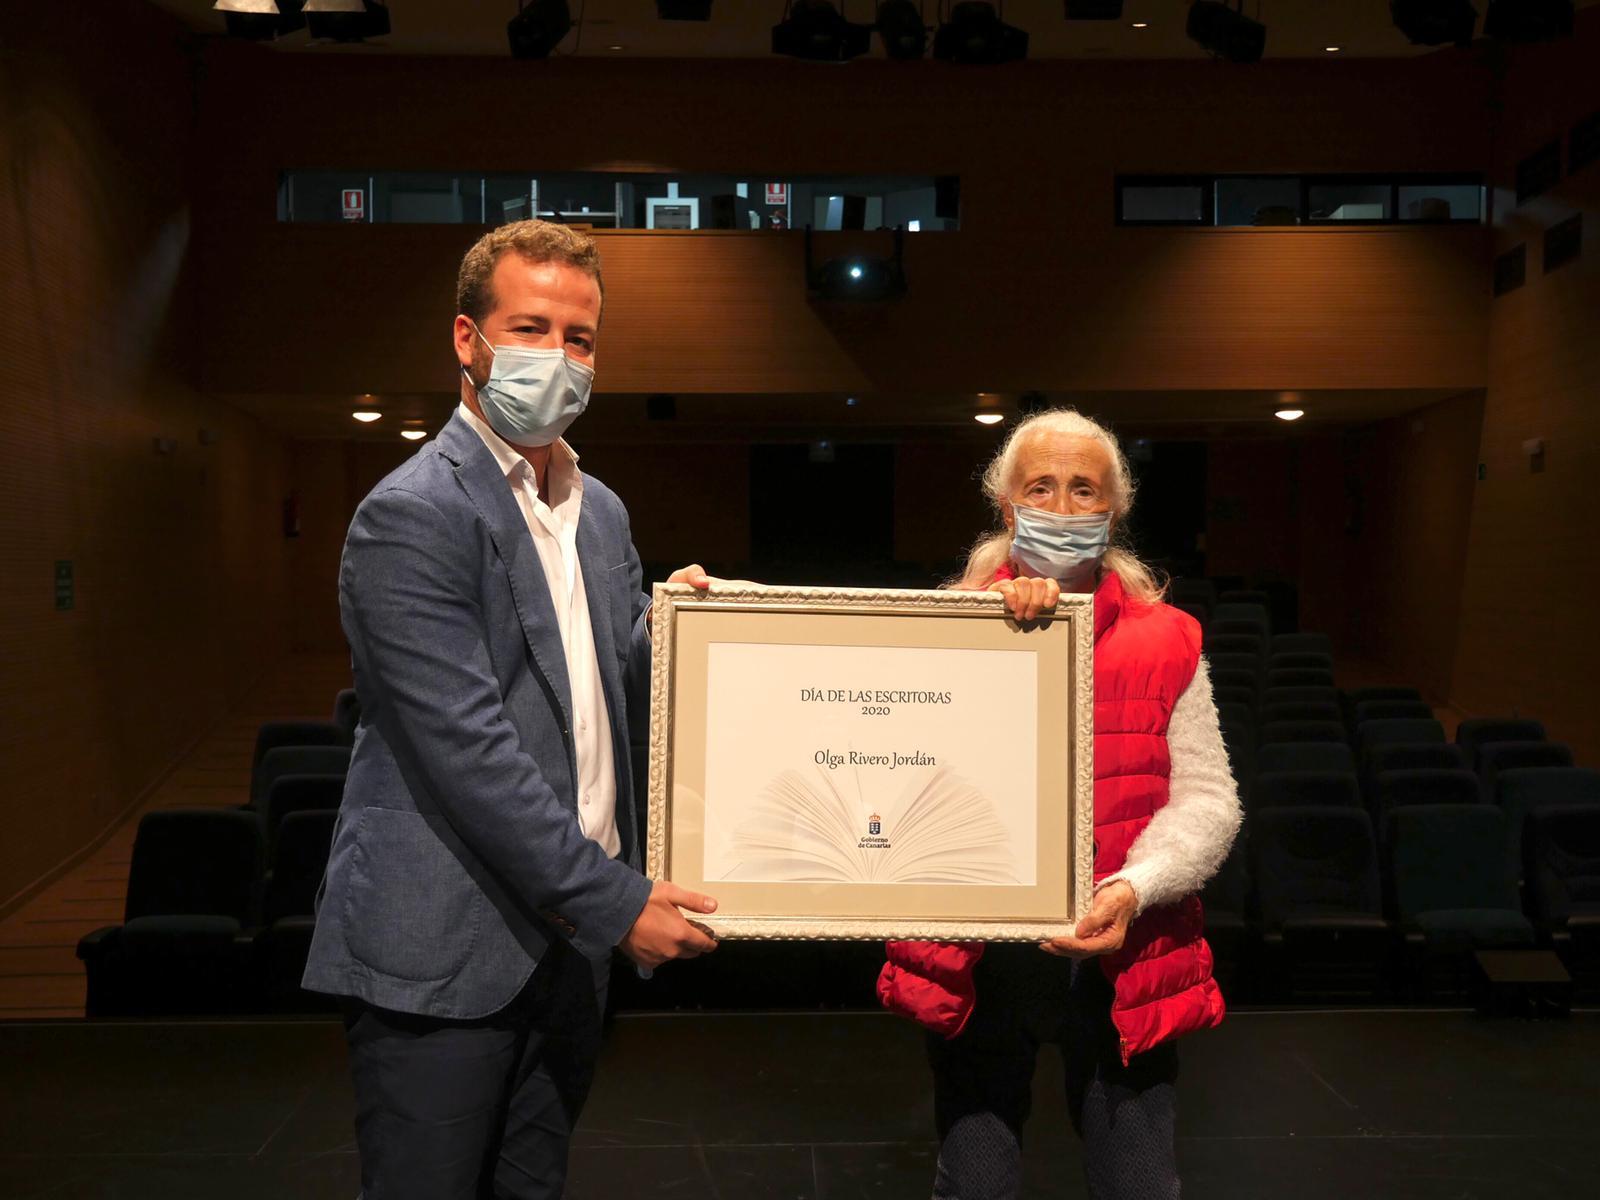 El Gobierno de Canarias distingue a Olga Rivero Jordán en el Día de las Escritoras